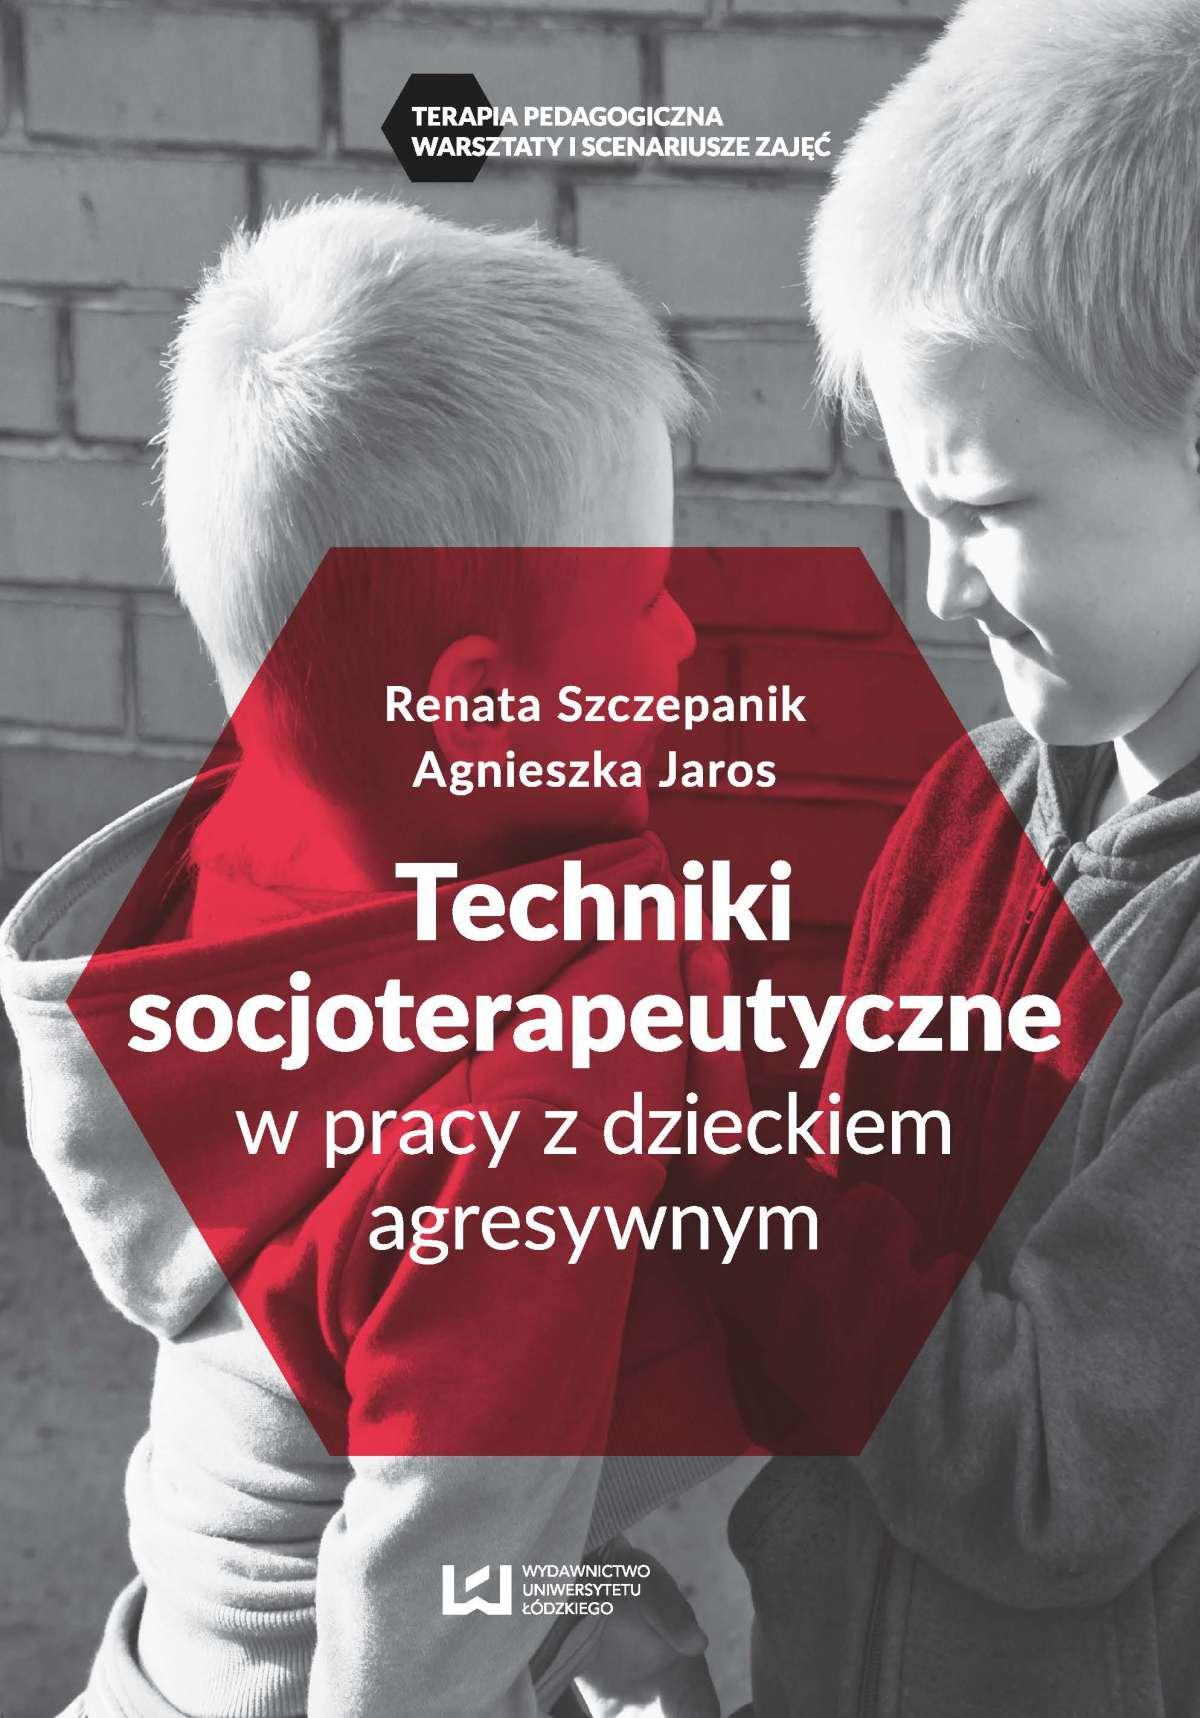 Techniki soscjoterapeutyczne w pracy z dzieckiem agresywnym - Ebook (Książka PDF) do pobrania w formacie PDF